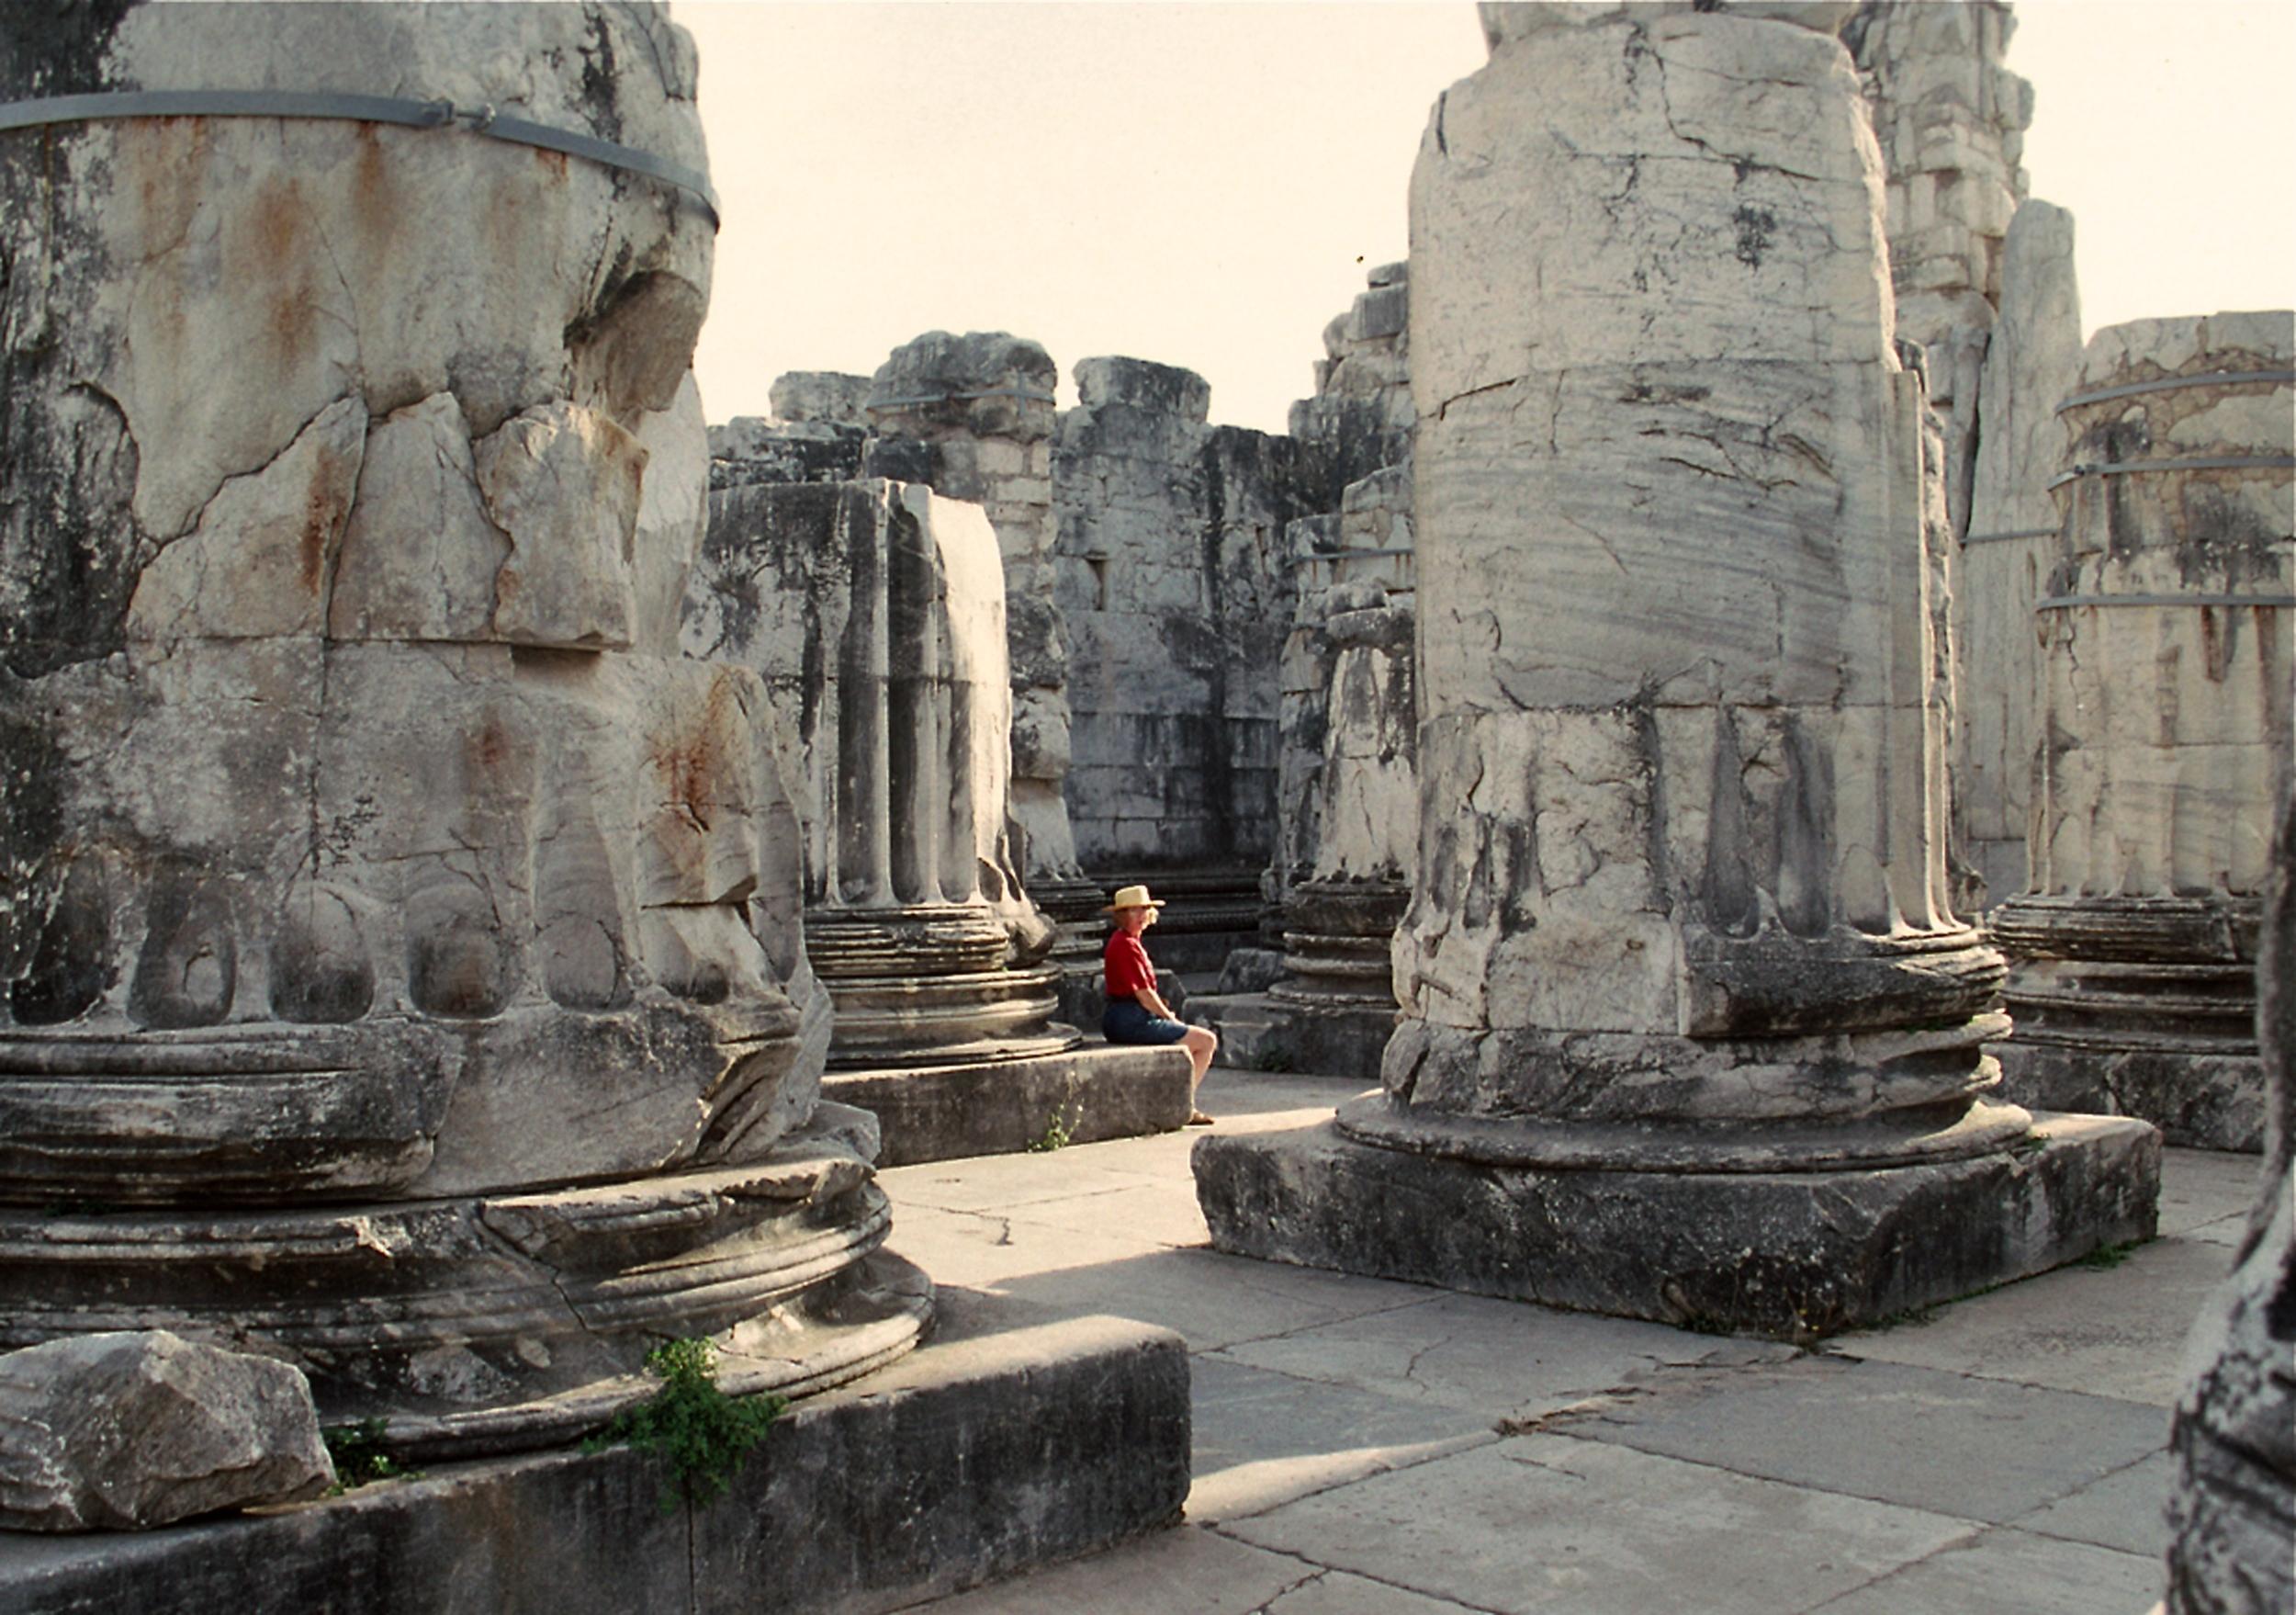 At Didyma, in Turkey